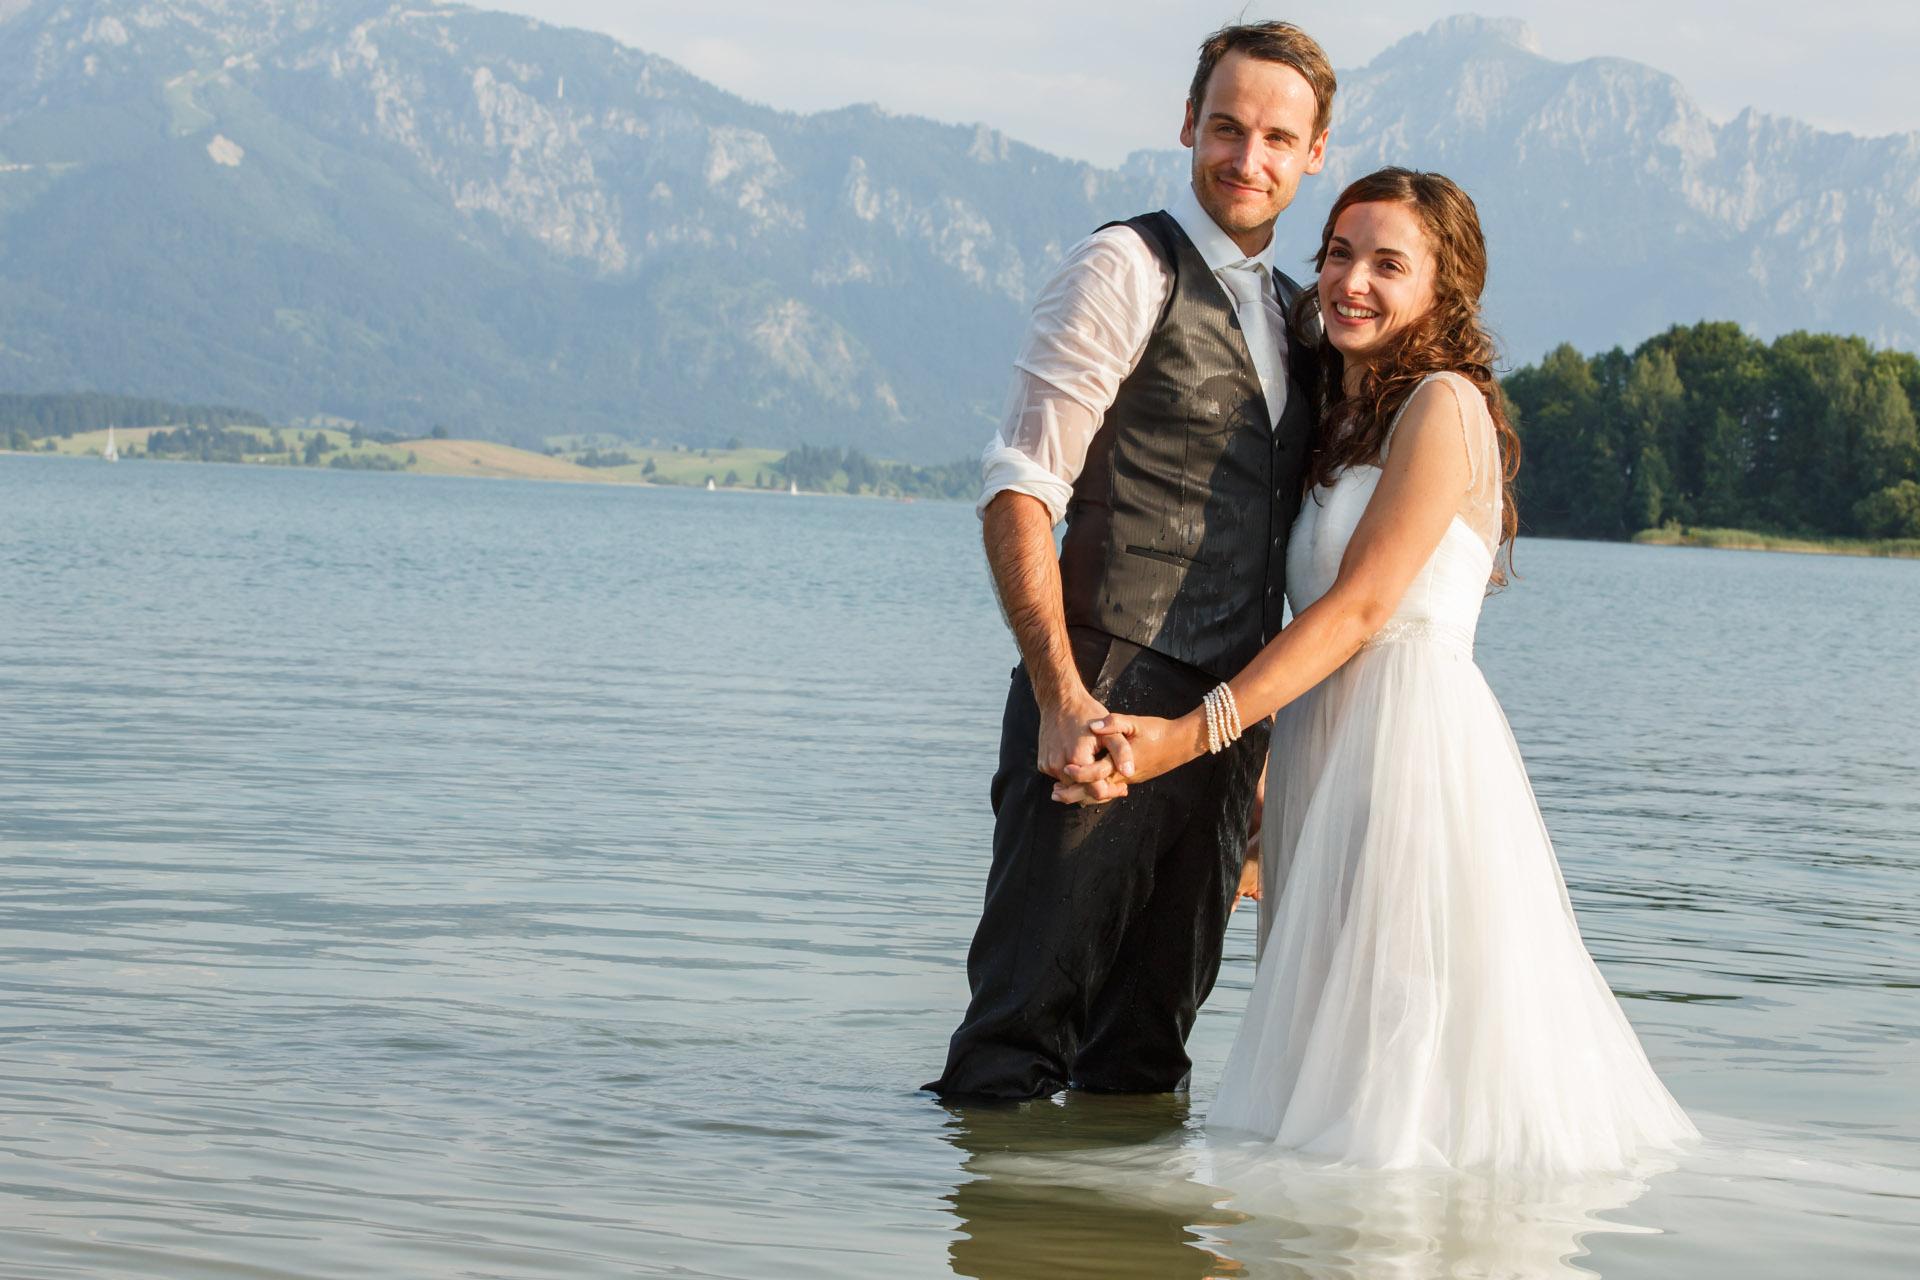 Wet Wedding Fotowerkstatt Bernard